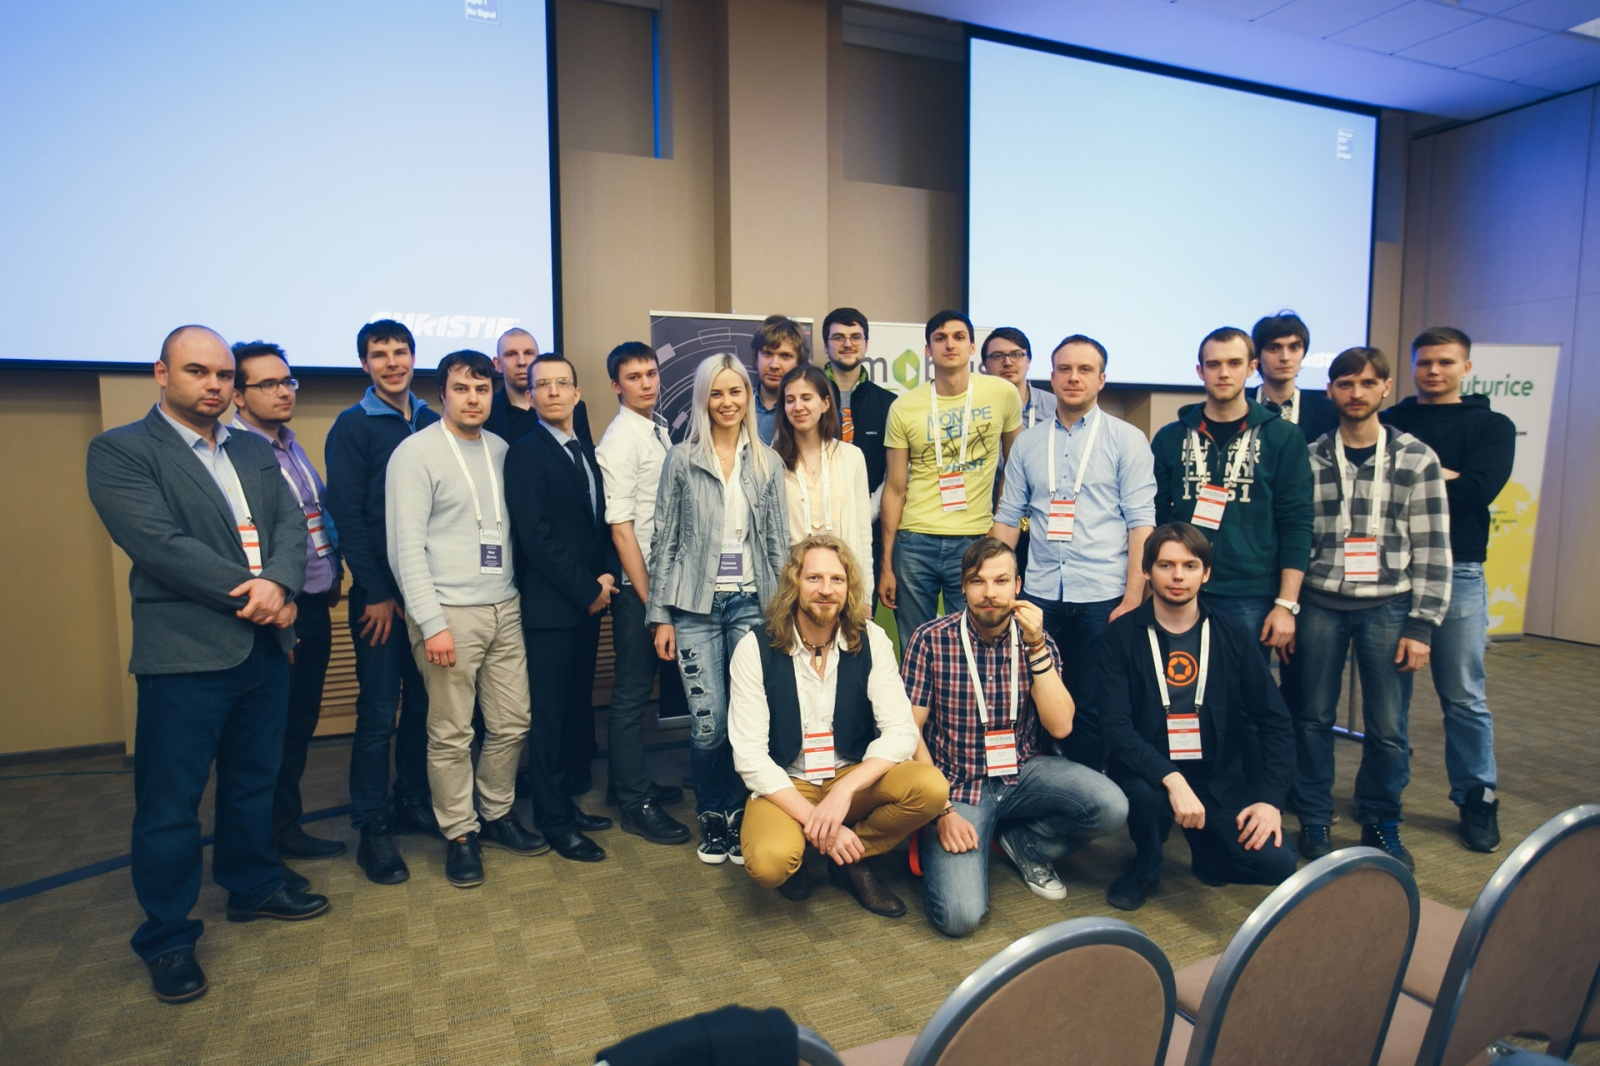 Конференция Mobius: как в мобильных устройствах открывали неочевидное - 11